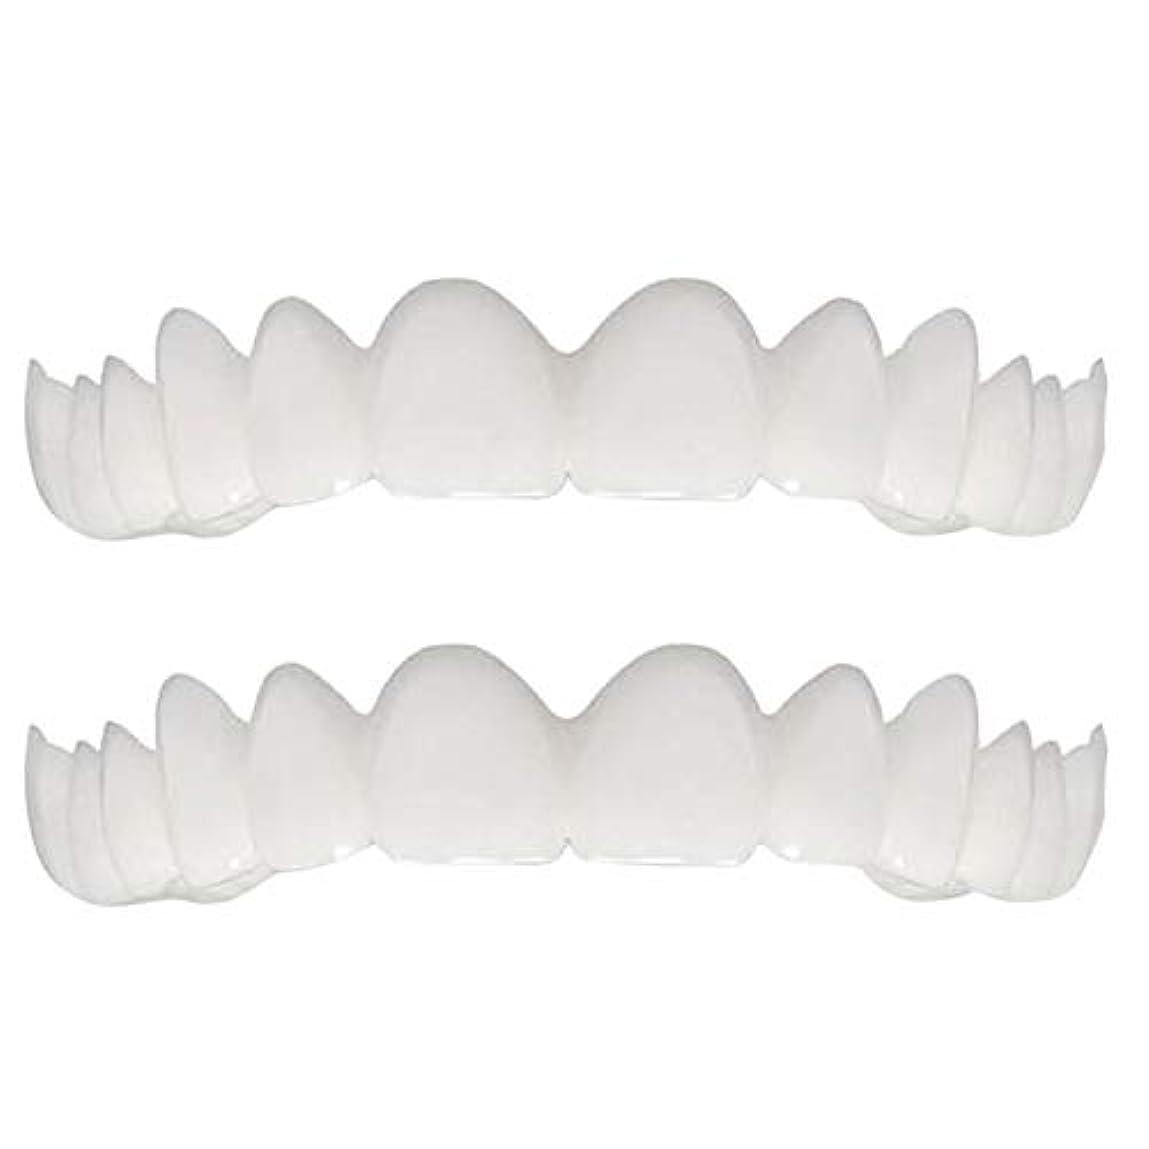 篭議題安定しましたシリコーンシミュレーション義歯、白い歯ブレースの上下の列(5セット),Boxed,UpperLower